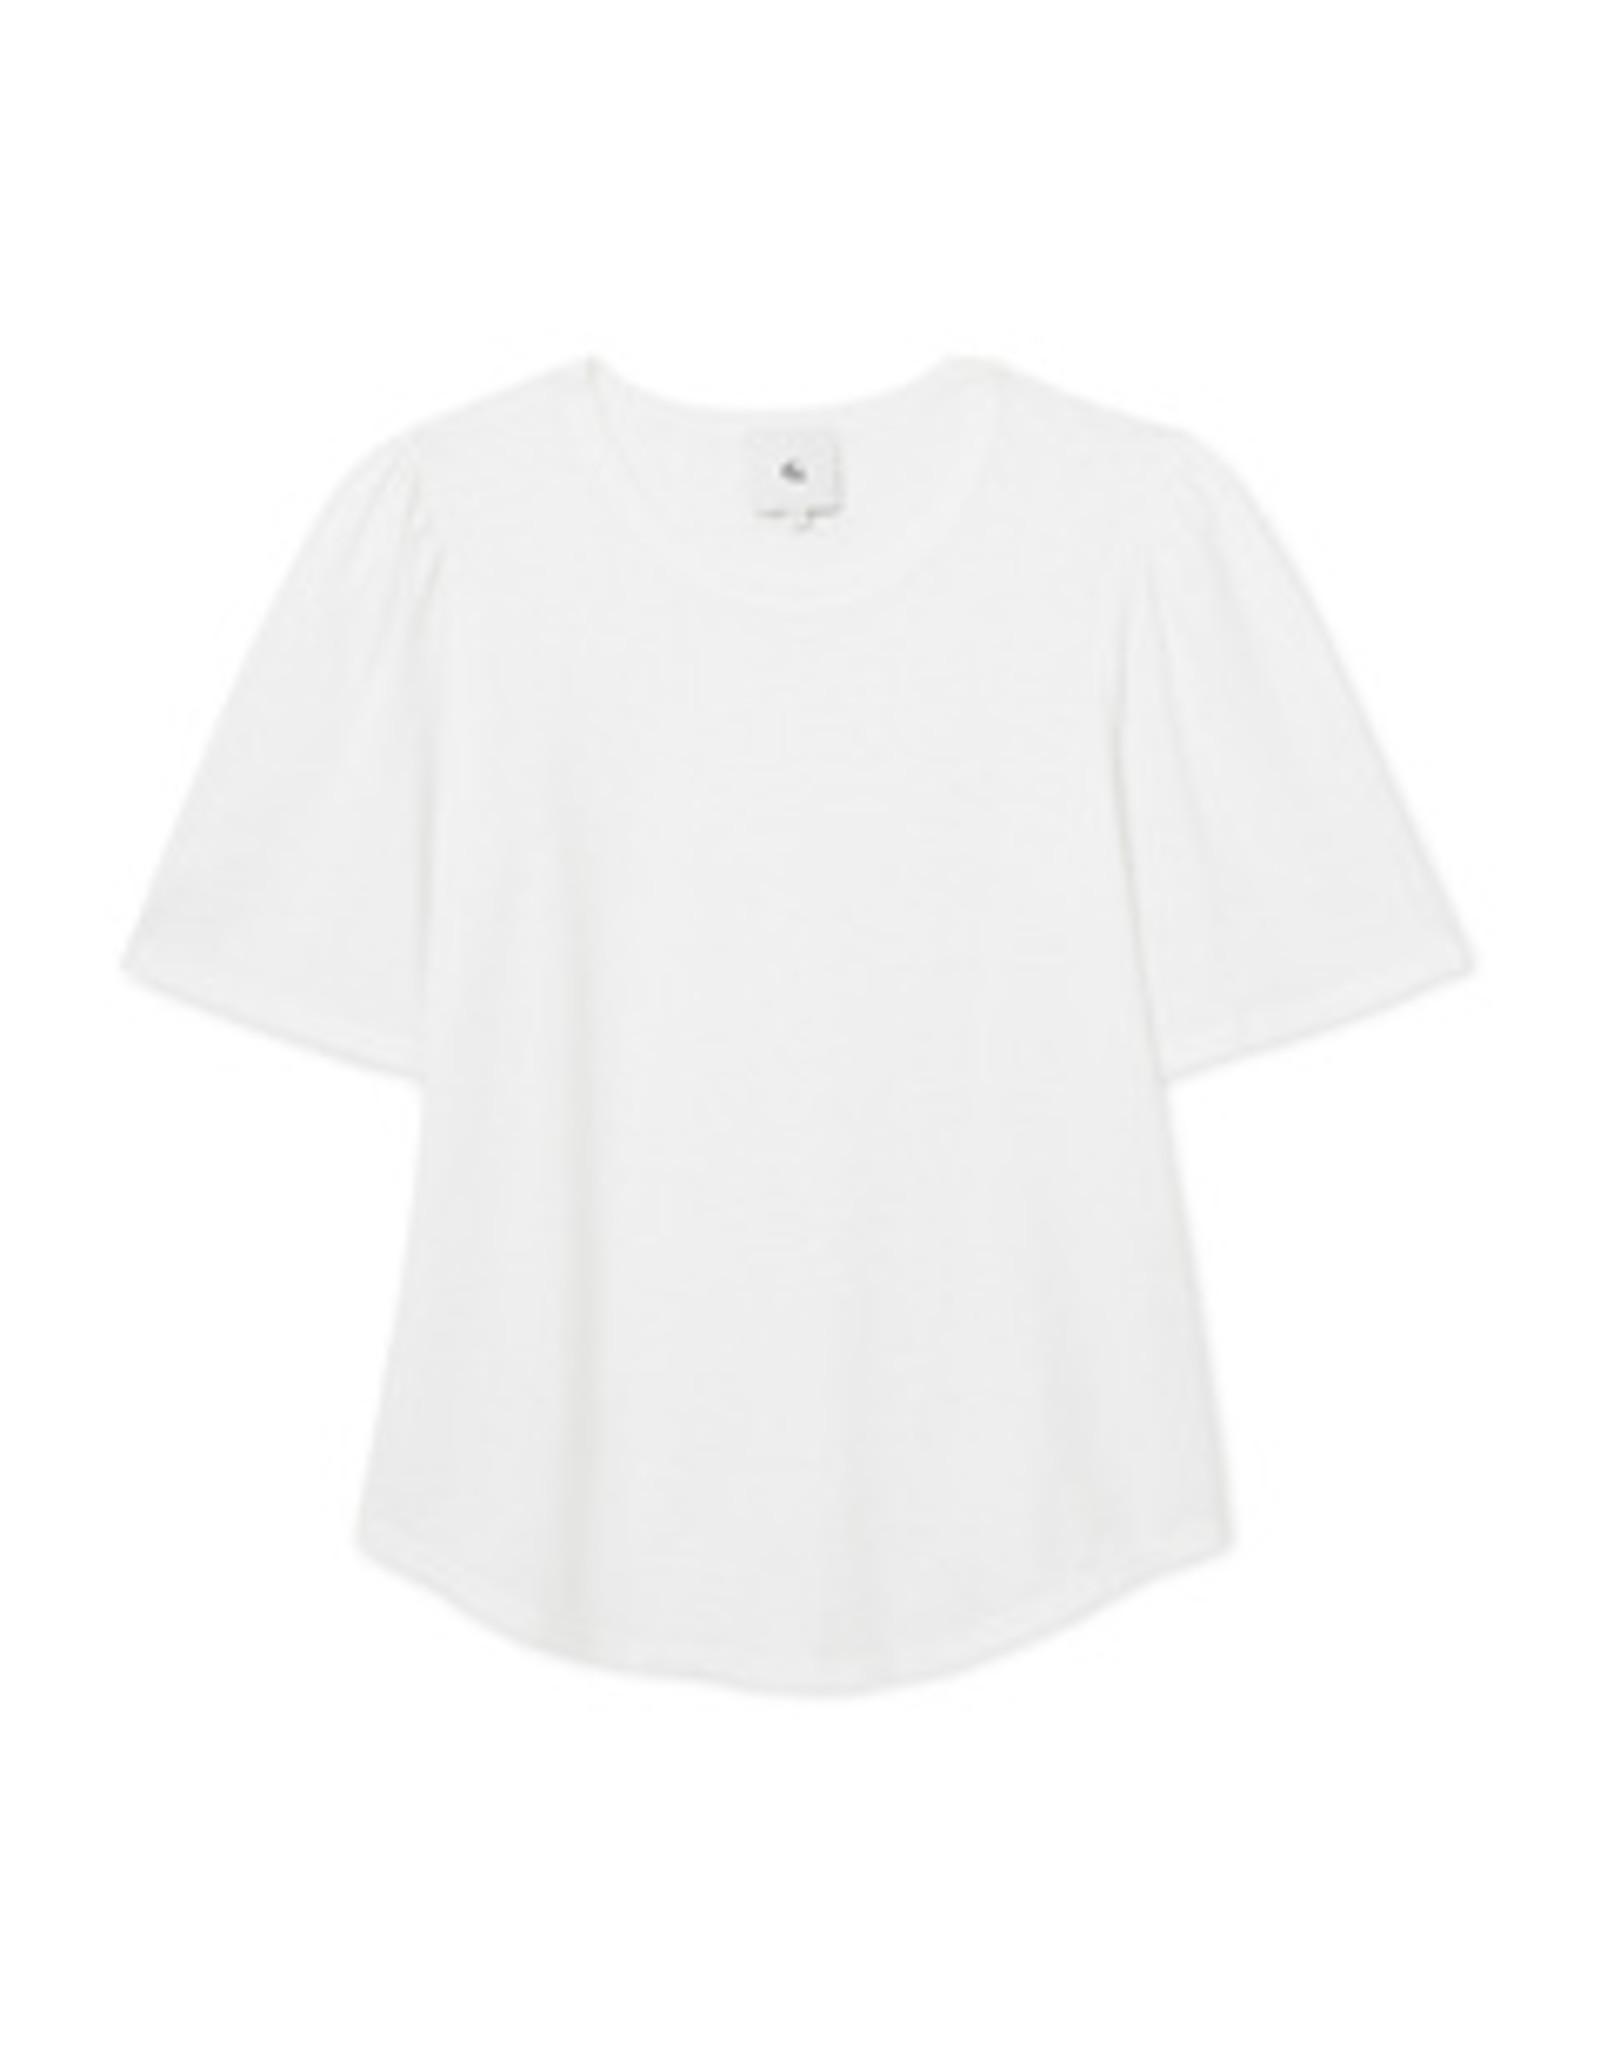 G. Label G. Label Jordan Tee Core (Color: White, Size: XS)